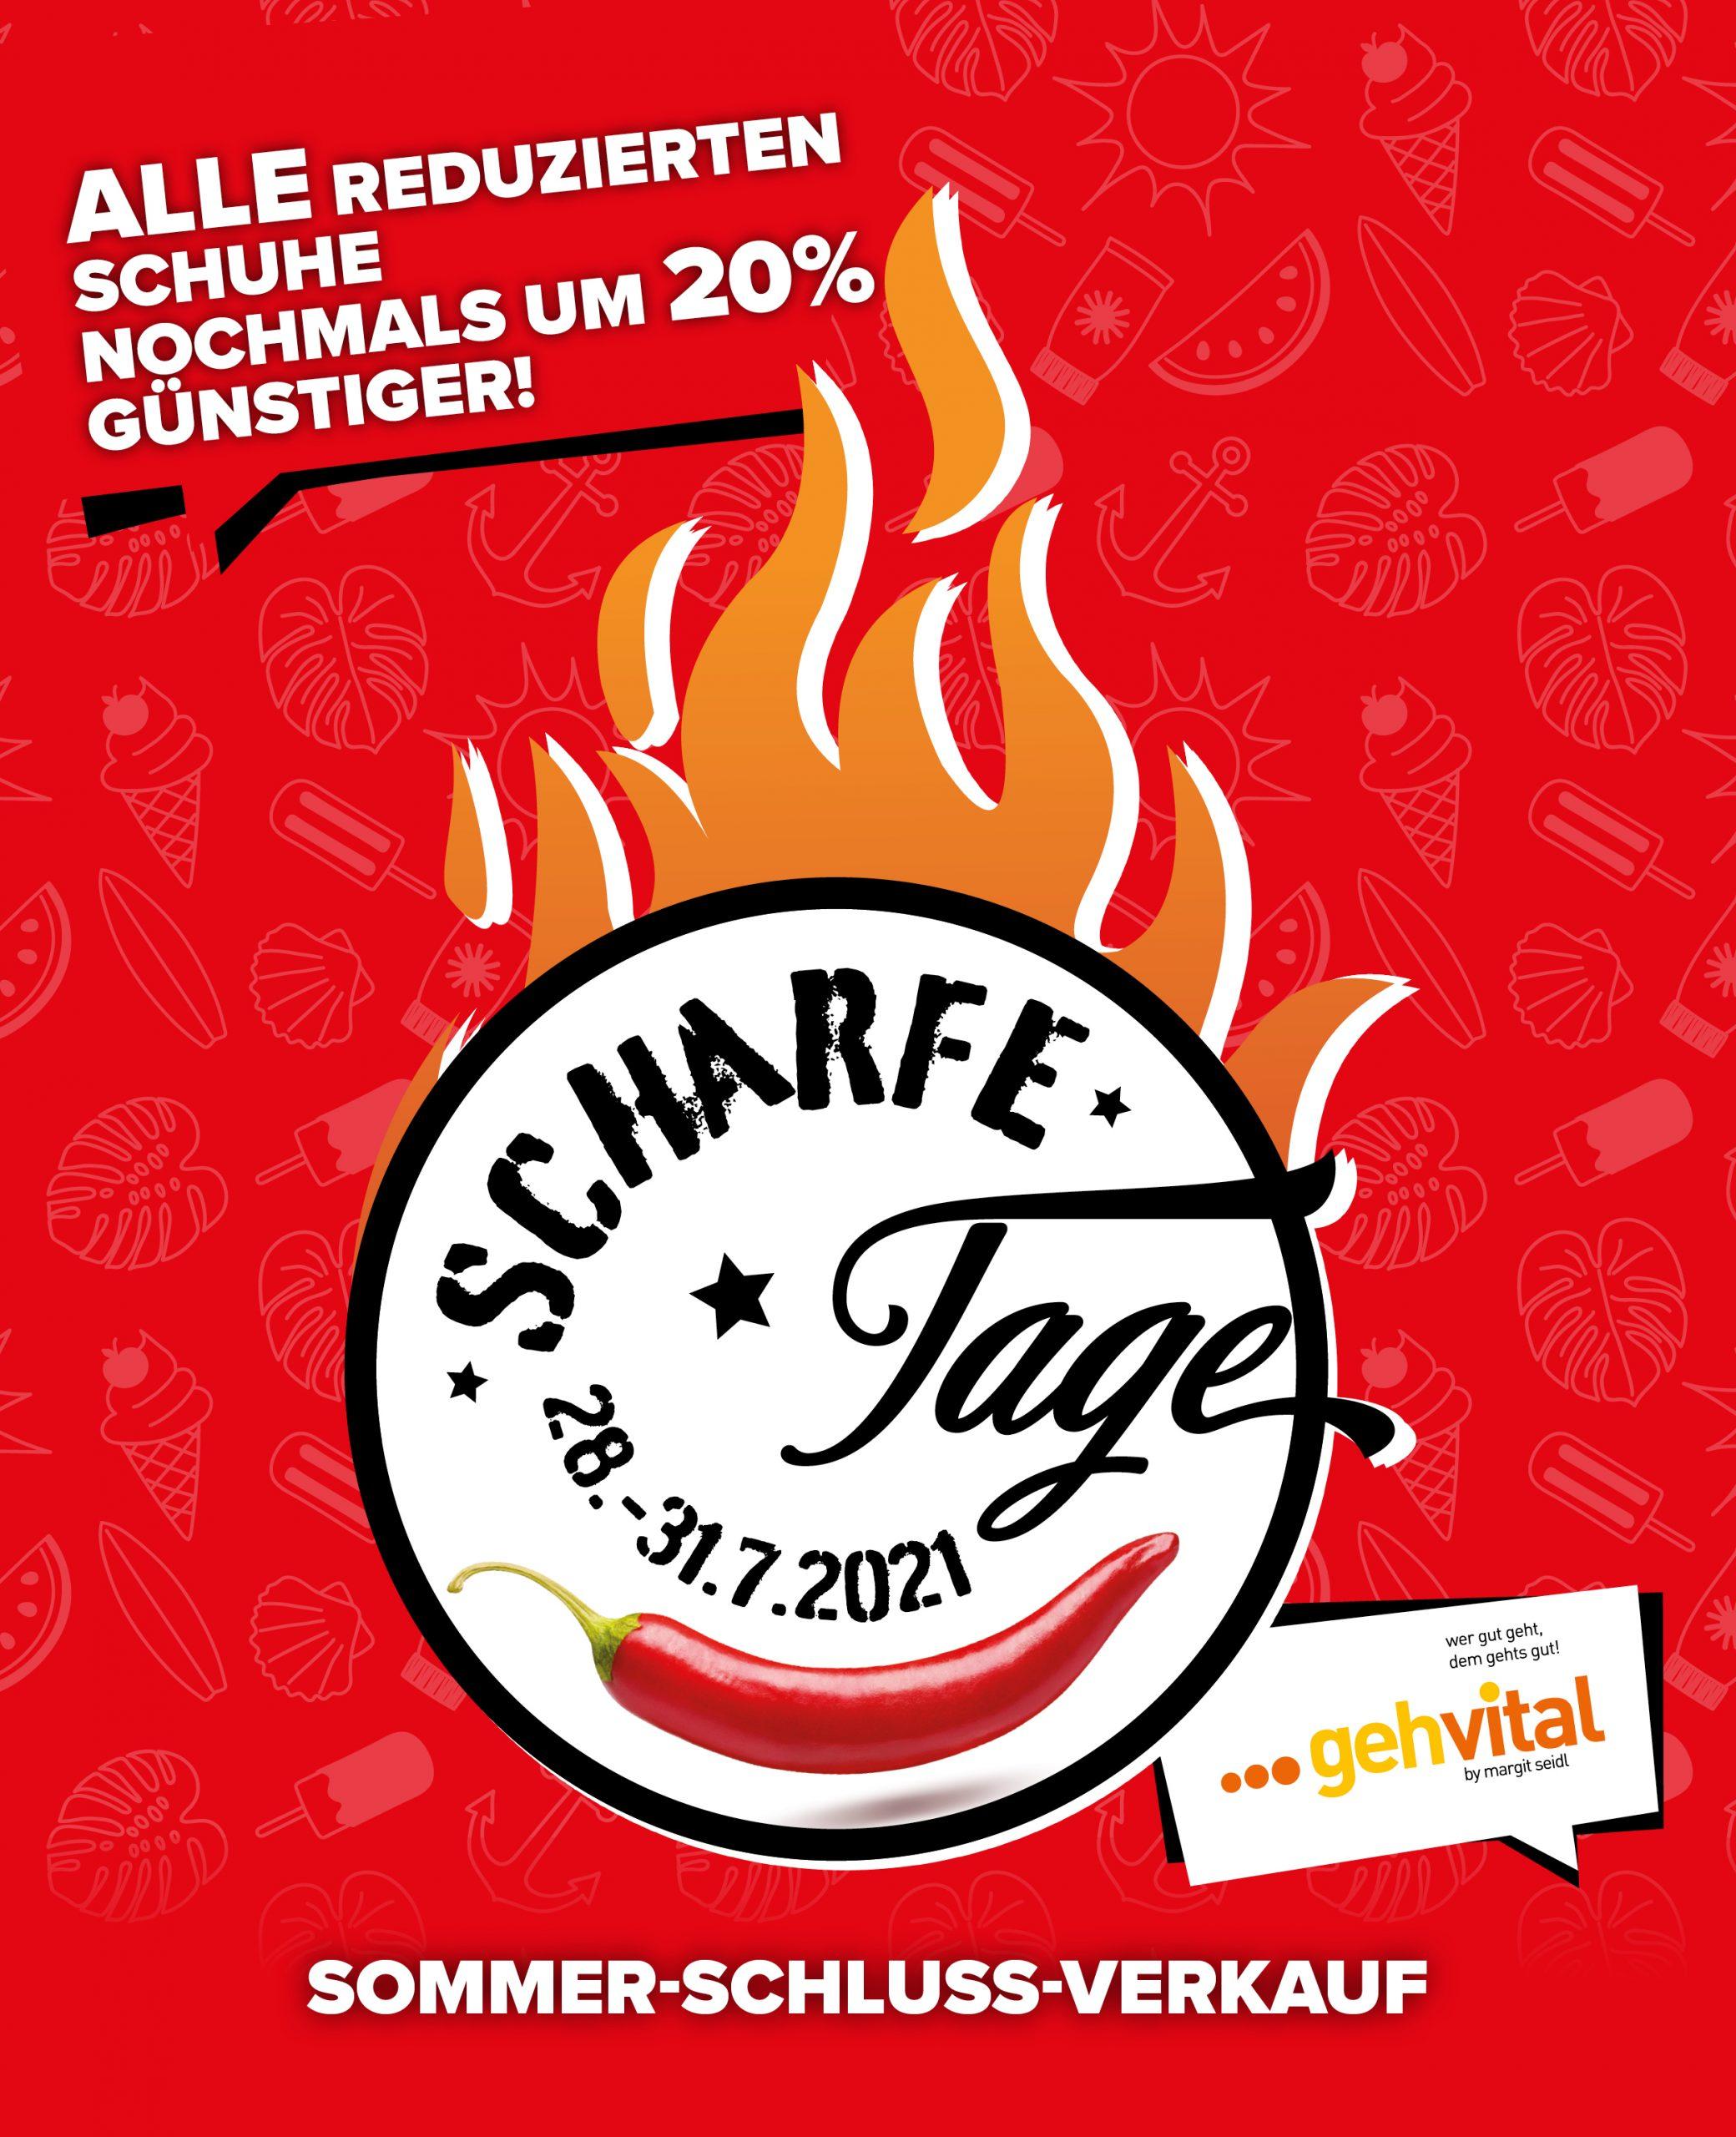 SCHARFE TAGE by gehvital vom 28. bis 31.7.2021